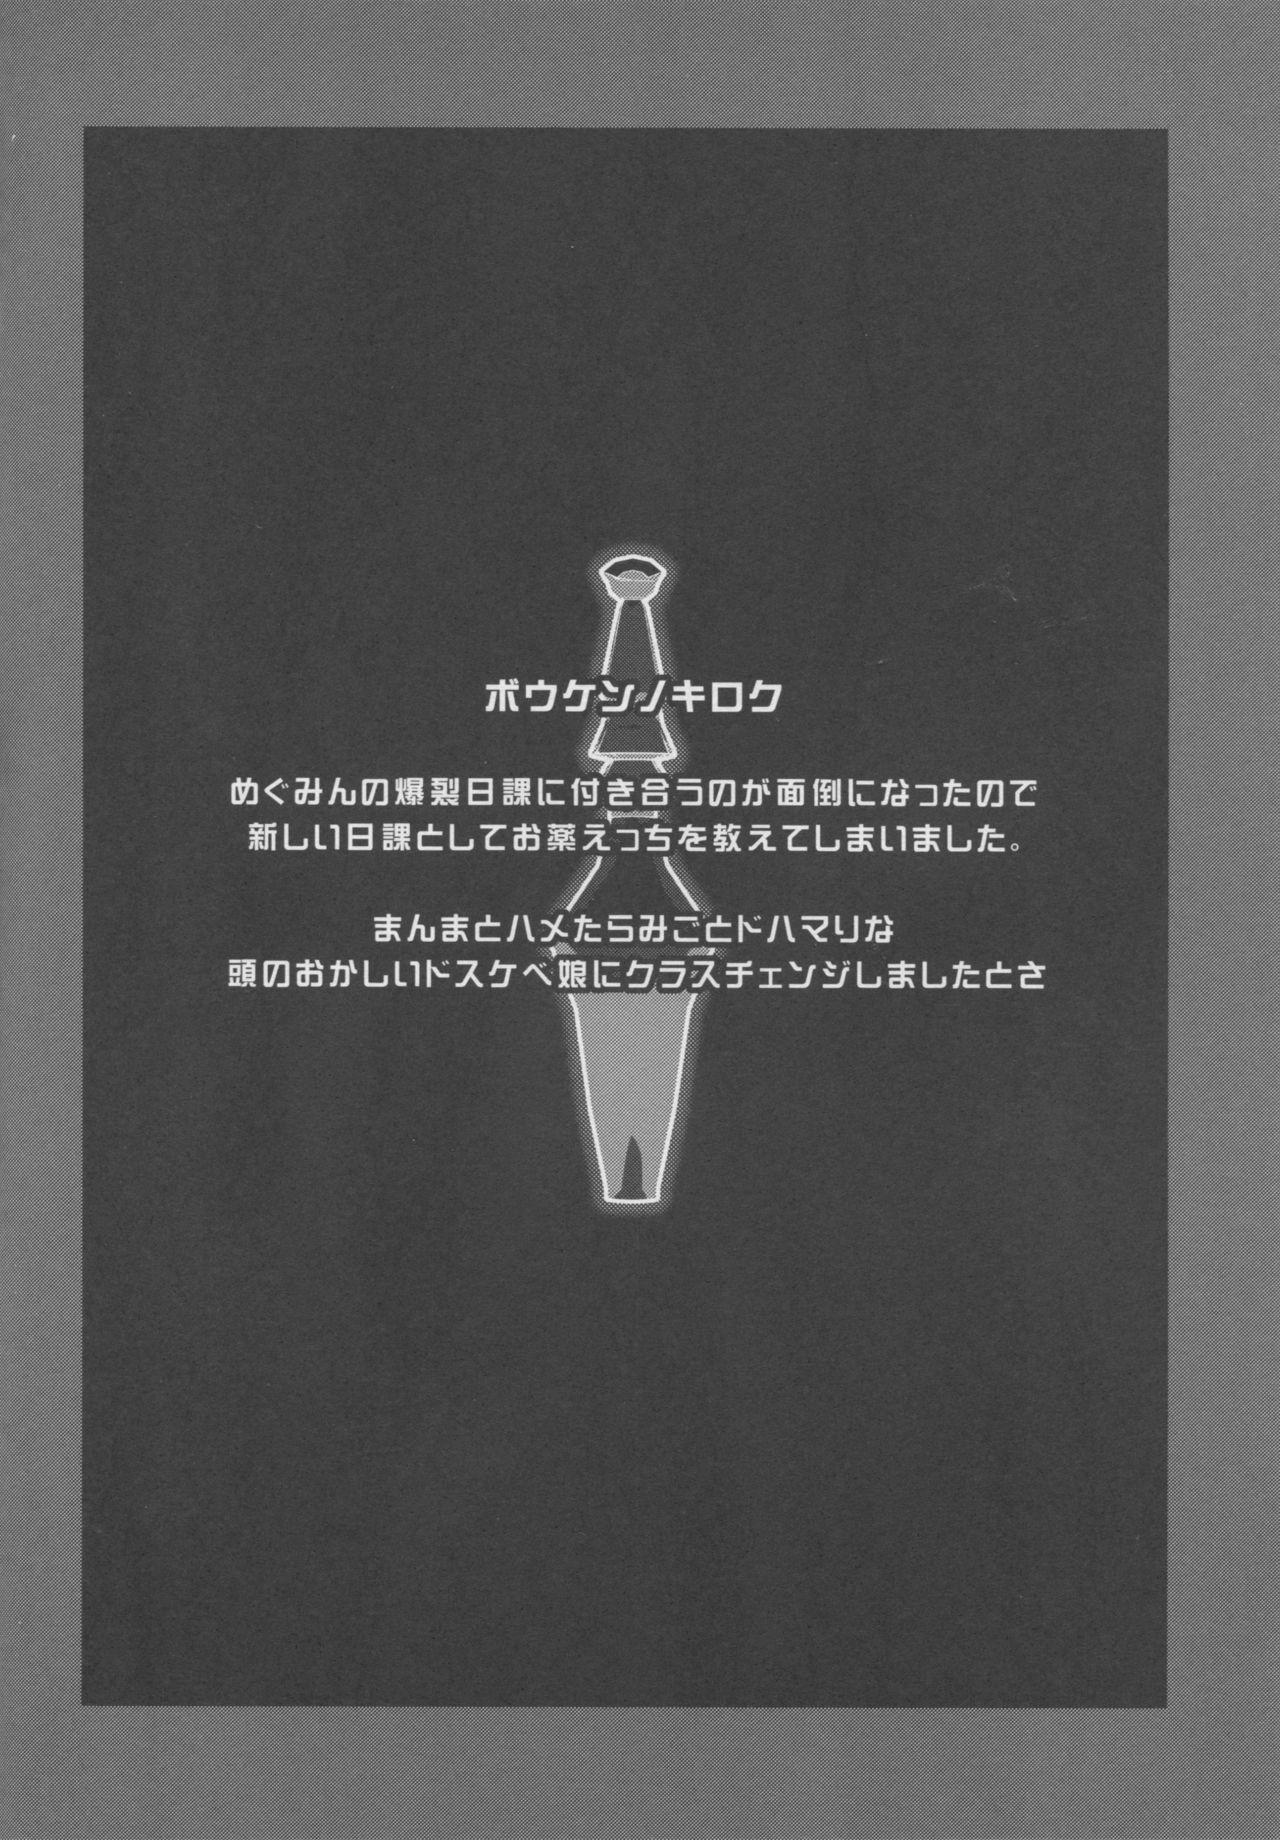 Kono Bakuretsu Musume ni Motto Ecstasy o!! 2